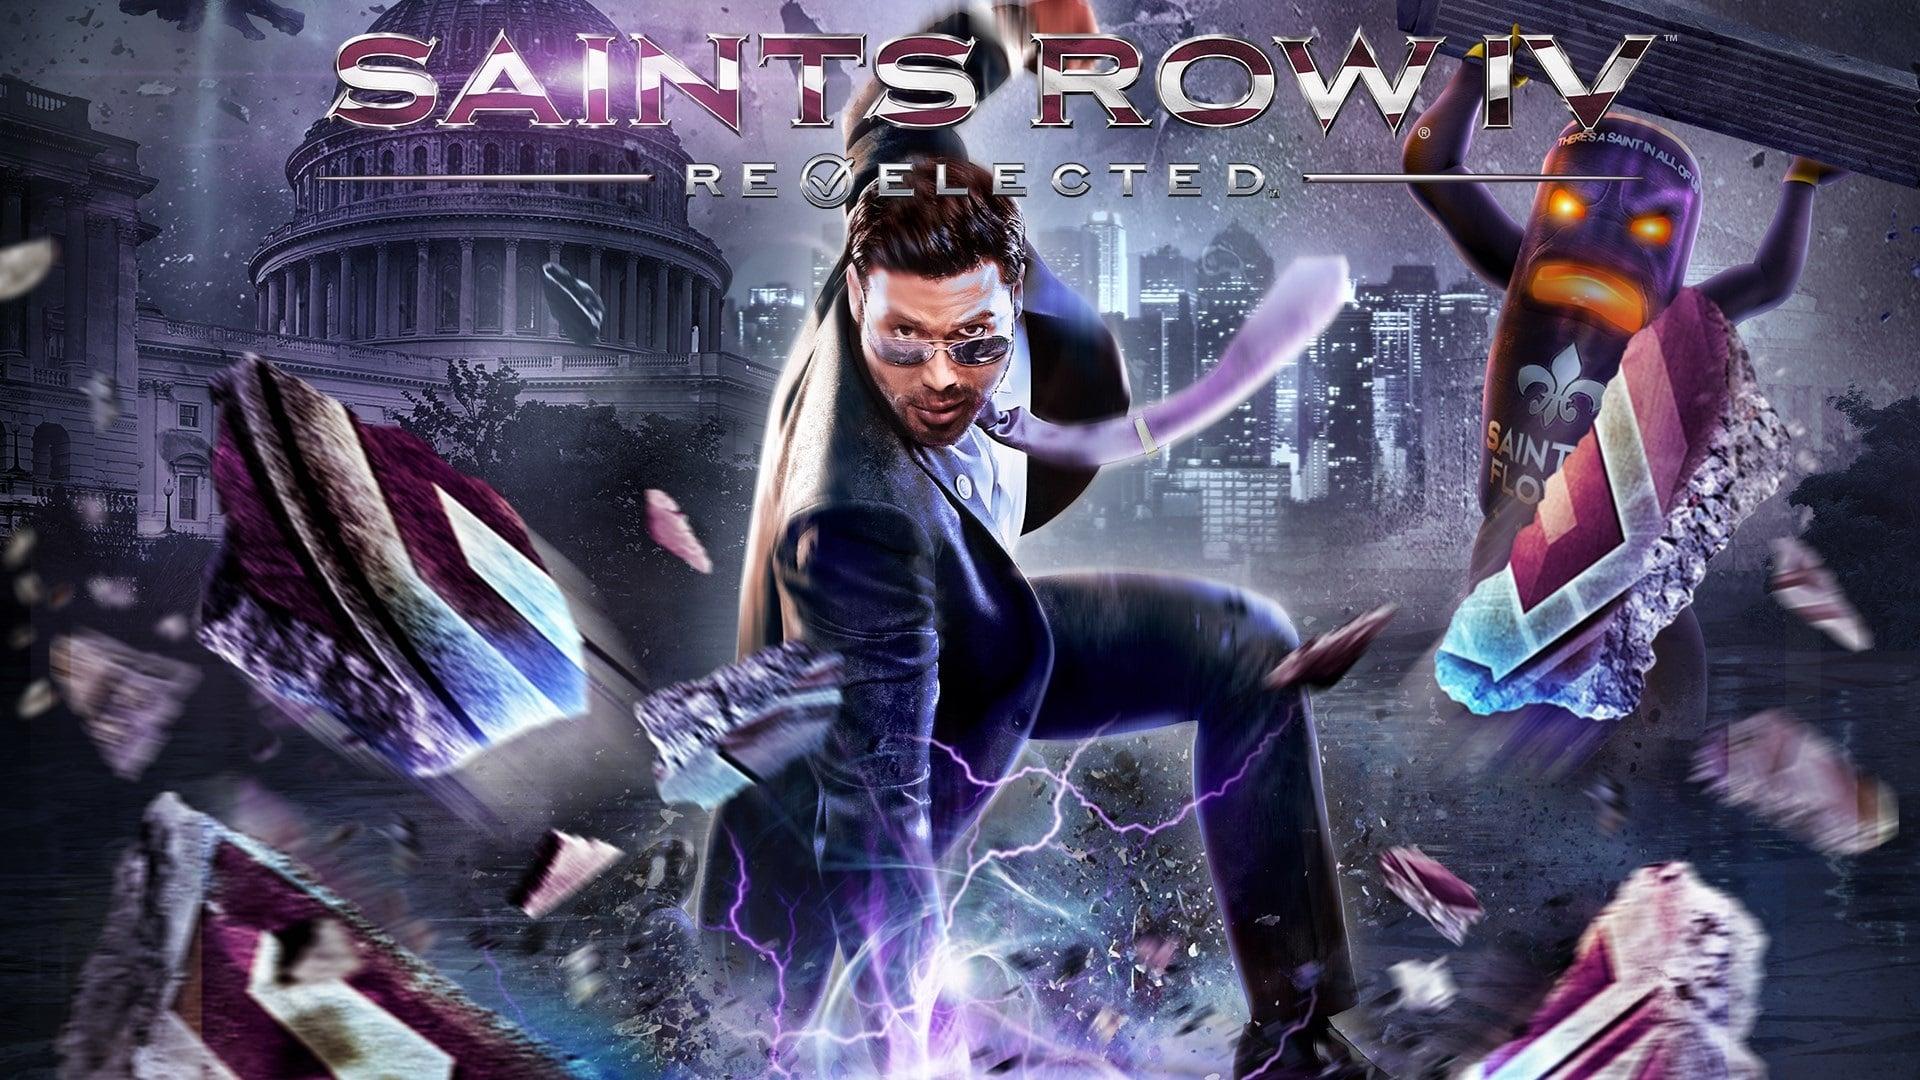 Saints Row IV: Re-Elected (Win 10) Achievements